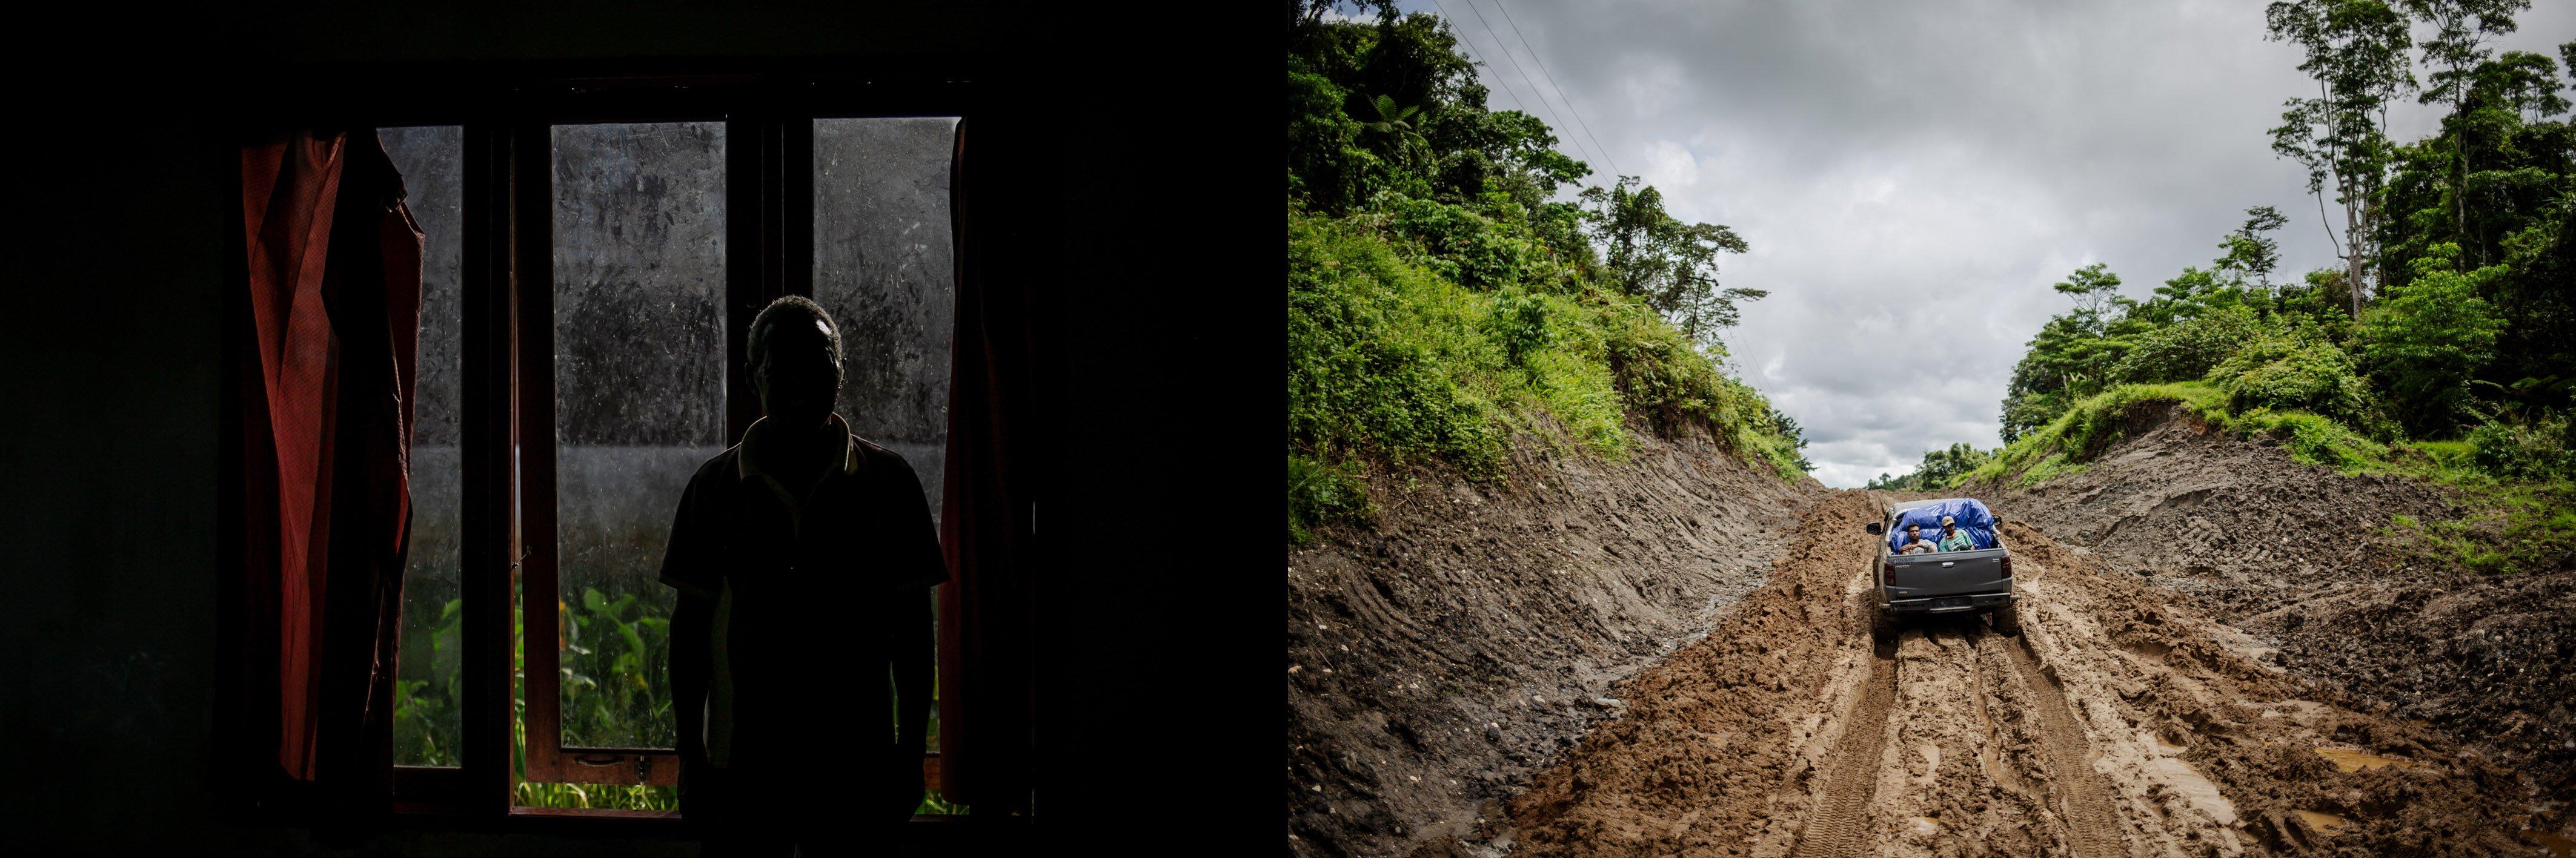 Barnabas Malalu (47) salah satu masyarakat adat Suku Moi di Ditsrik Waimon, Kabupaten Sorong, Papua Barat, Senin, (20/9/2021). Sebelumnya, selama enam tahun berulang kali pihak perusahaan mendatangi saya dan menawarkan perjanjian terkait perizinan lahan, sampai akhirnya saya selaku perwakilan Marga Malalu dan Marga Kasilit di Distrik Waimon menerima uang sebesar Rp. 150.000 untuk luas lahan sekitar 14.000 hetare. Semua saya terima karena iming-iming akan dibangunnya jalan untuk anak-anak sekolah dan diberik